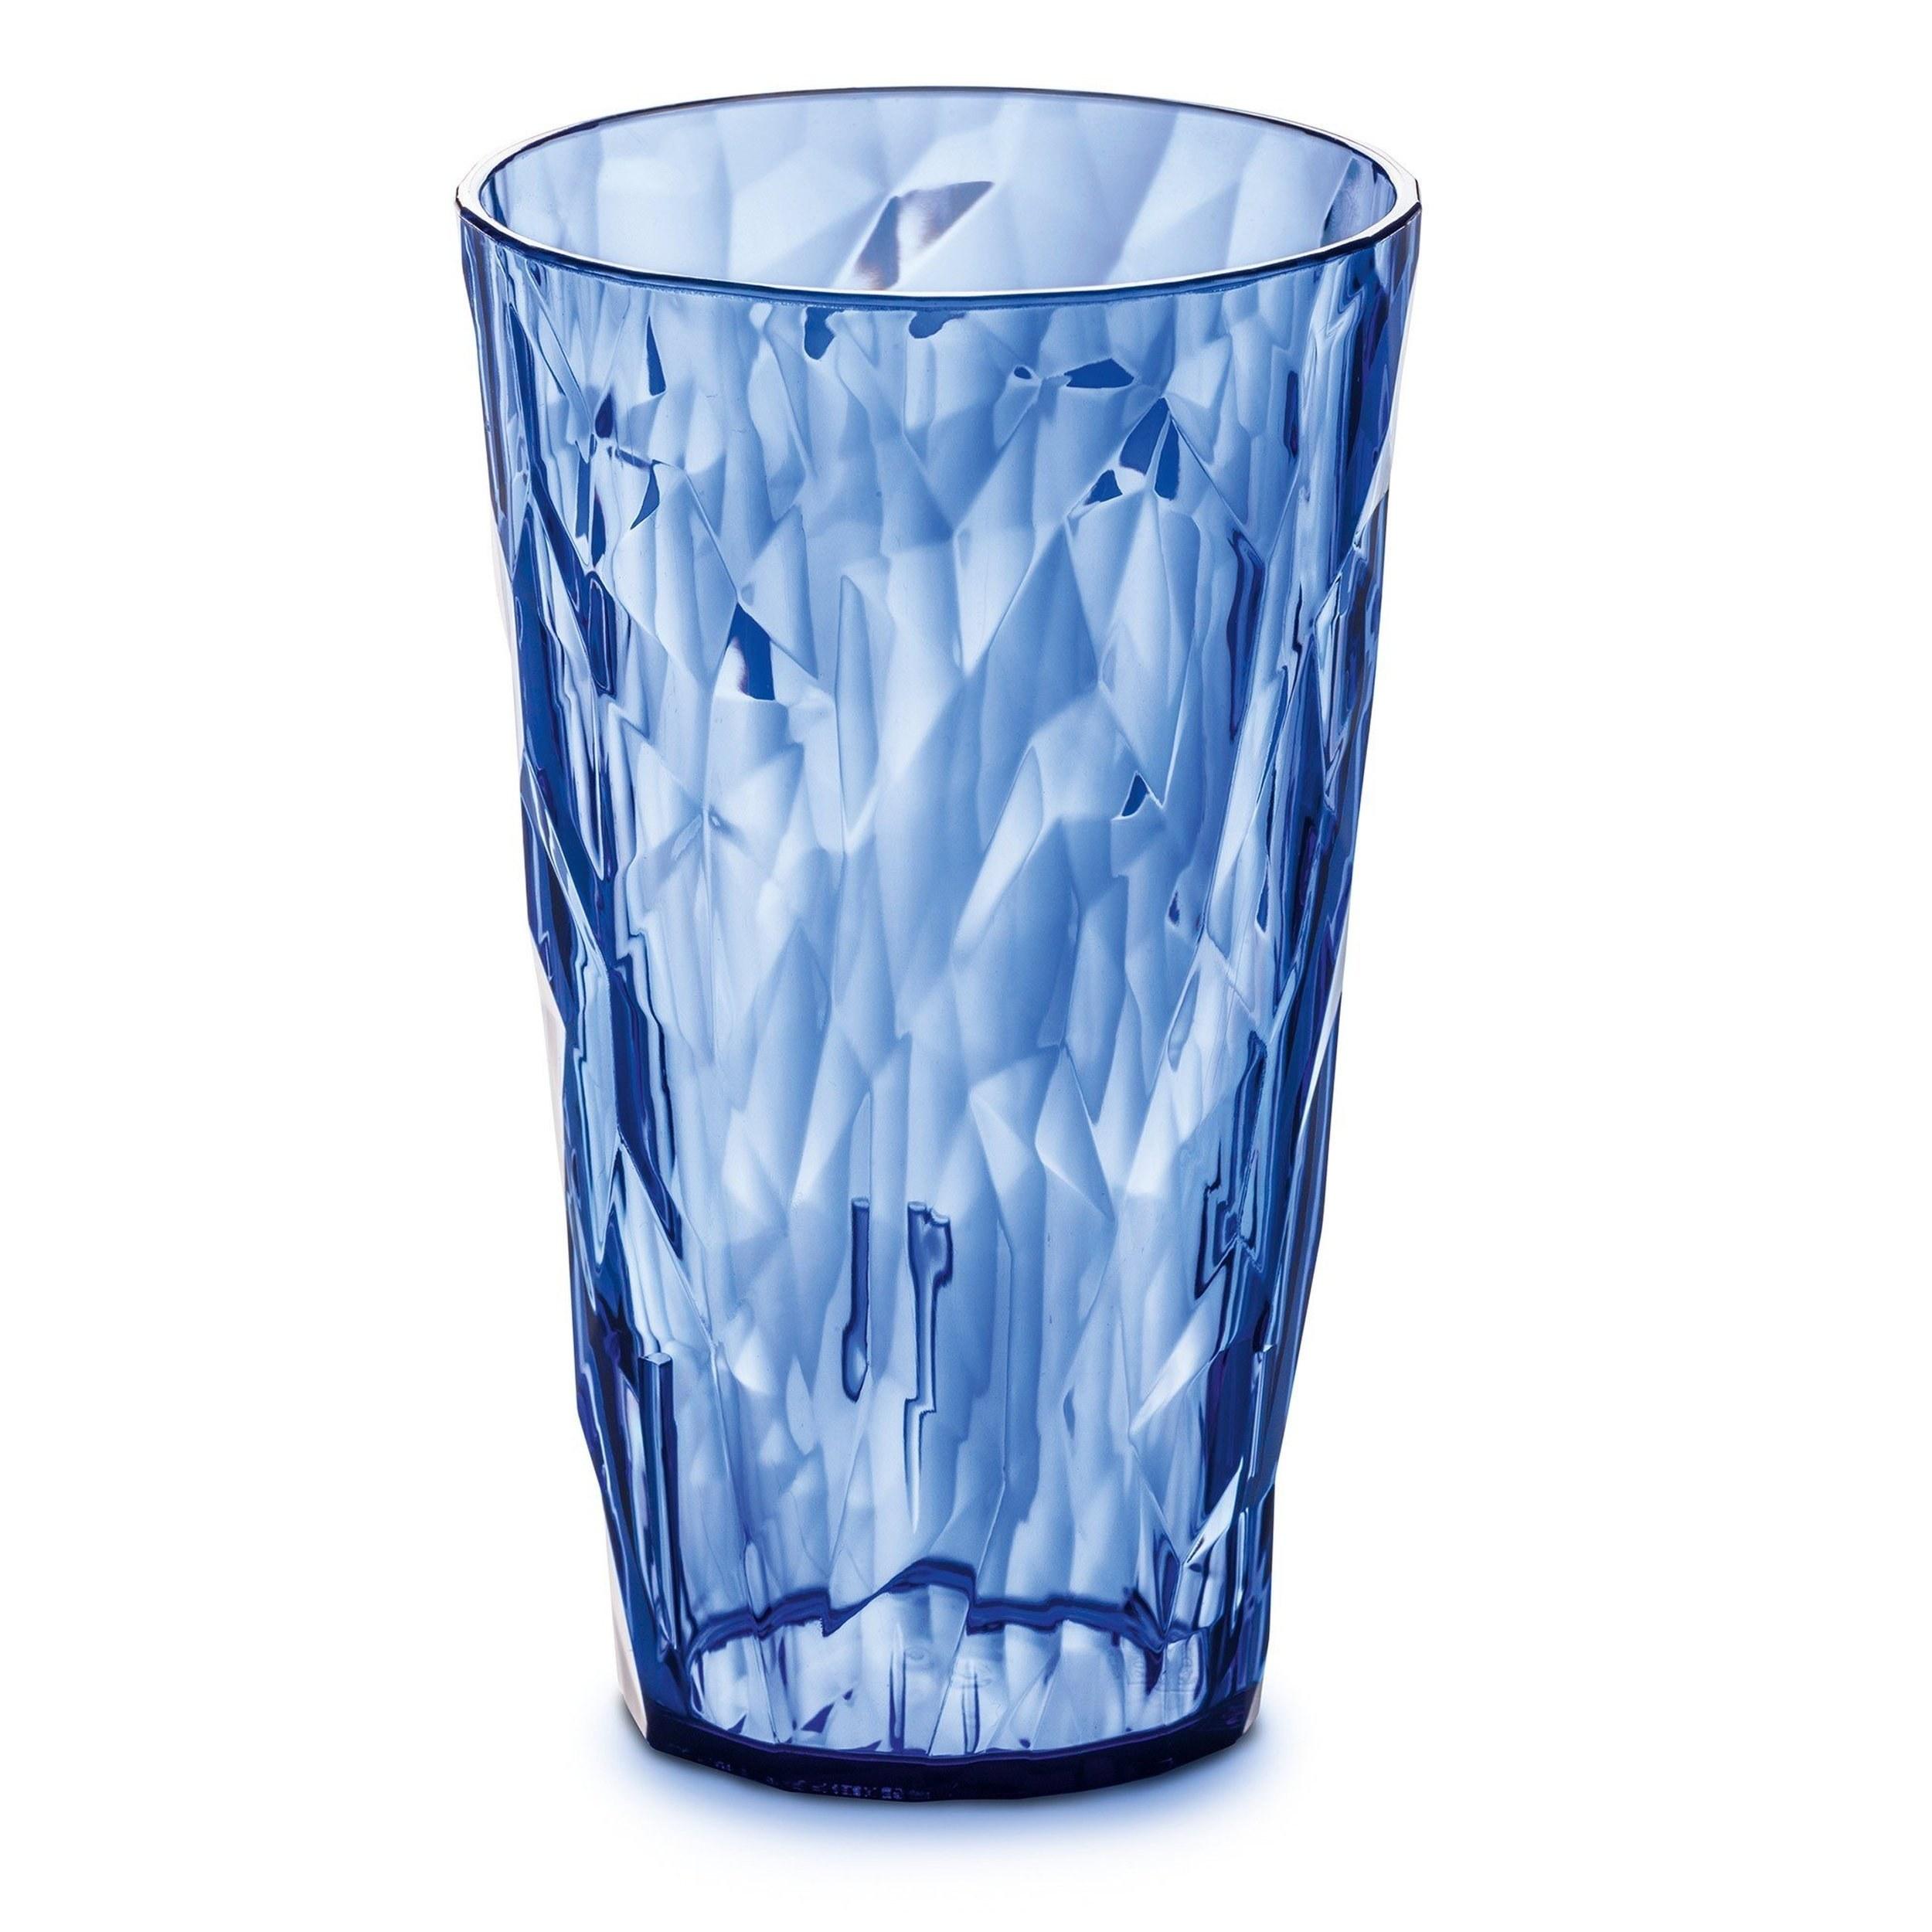 Szklanka Crystal 2.0 L jasnoniebieska